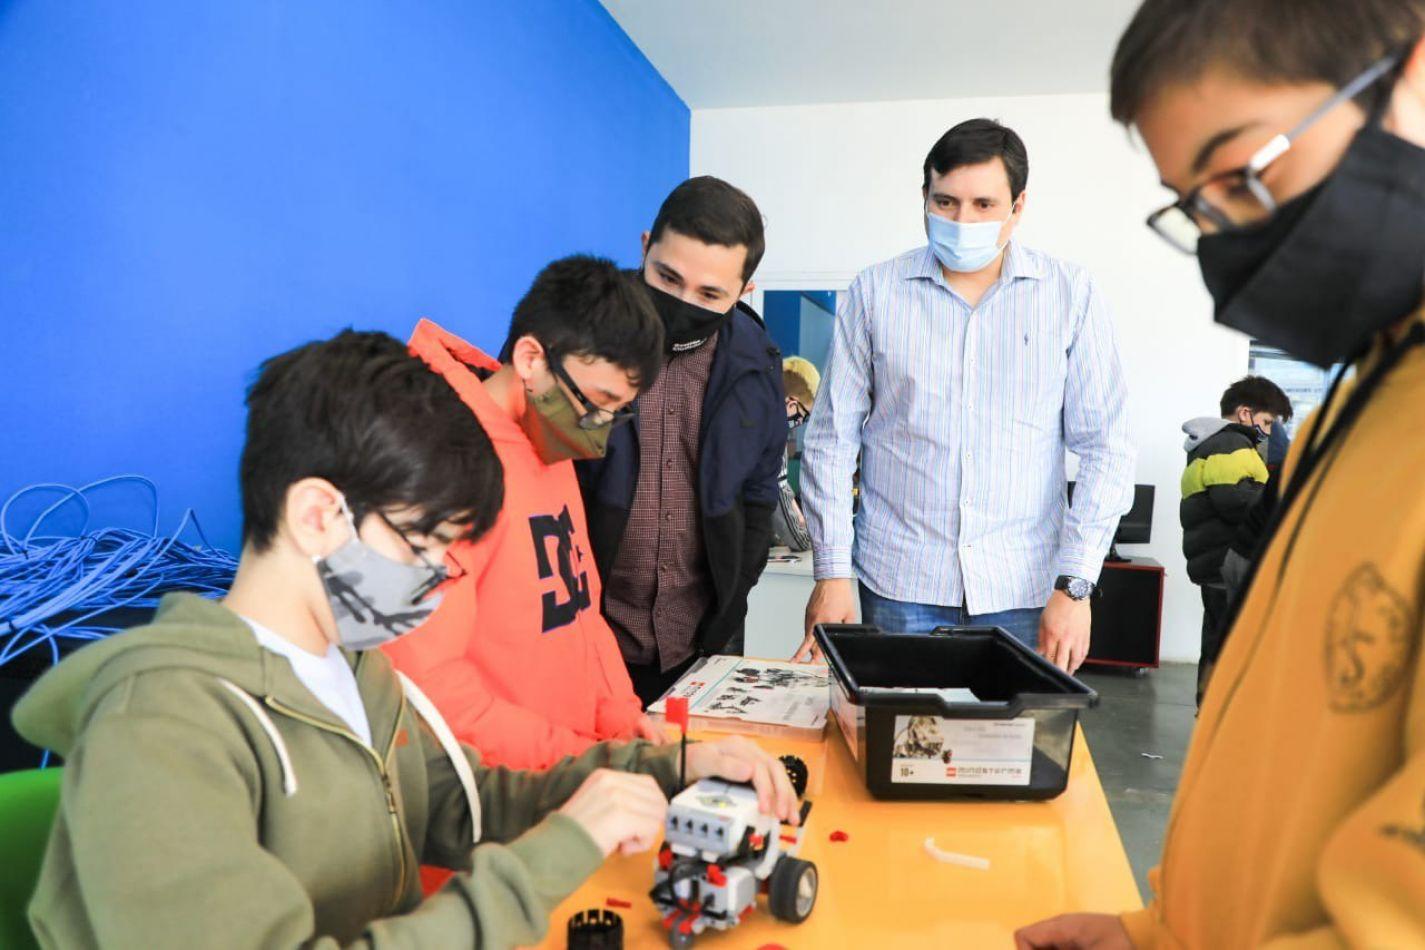 Colonias Tecnológicas: Una propuesta que vincula a los jóvenes con la industria del conocimiento